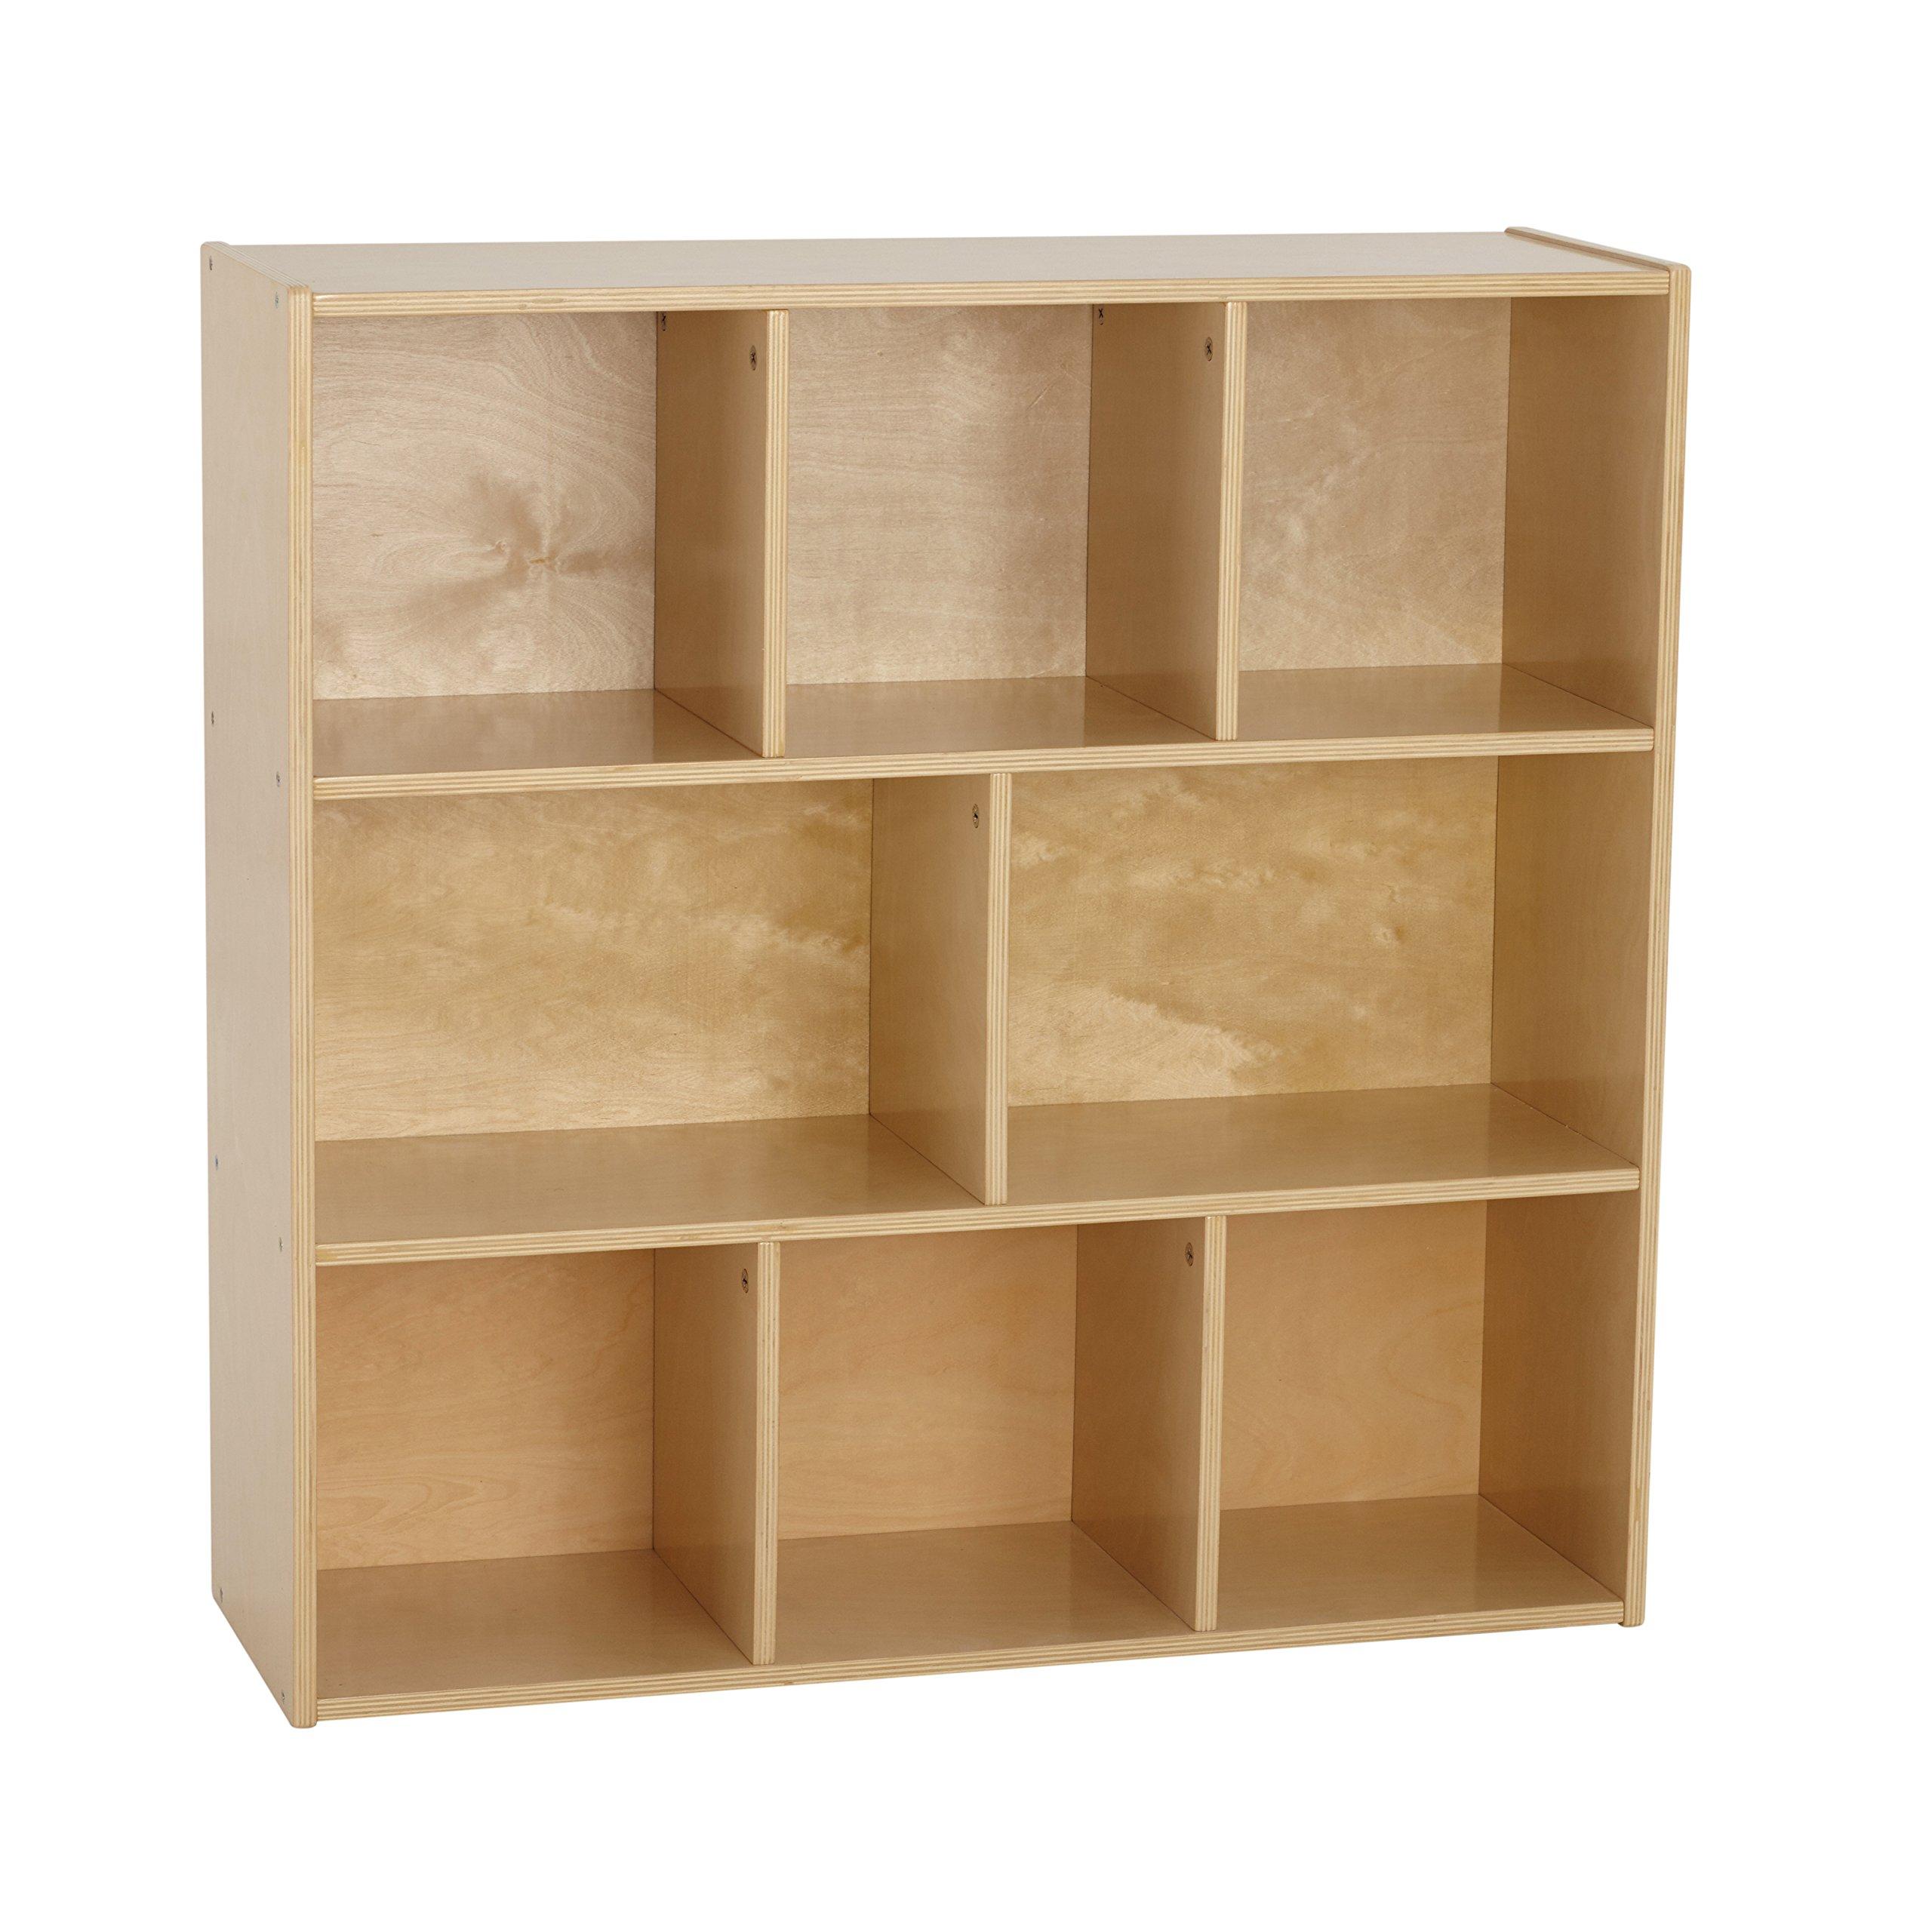 ECR4Kids Birch Wood Streamline 8-Compartment Storage Cabinet, 36 inches high